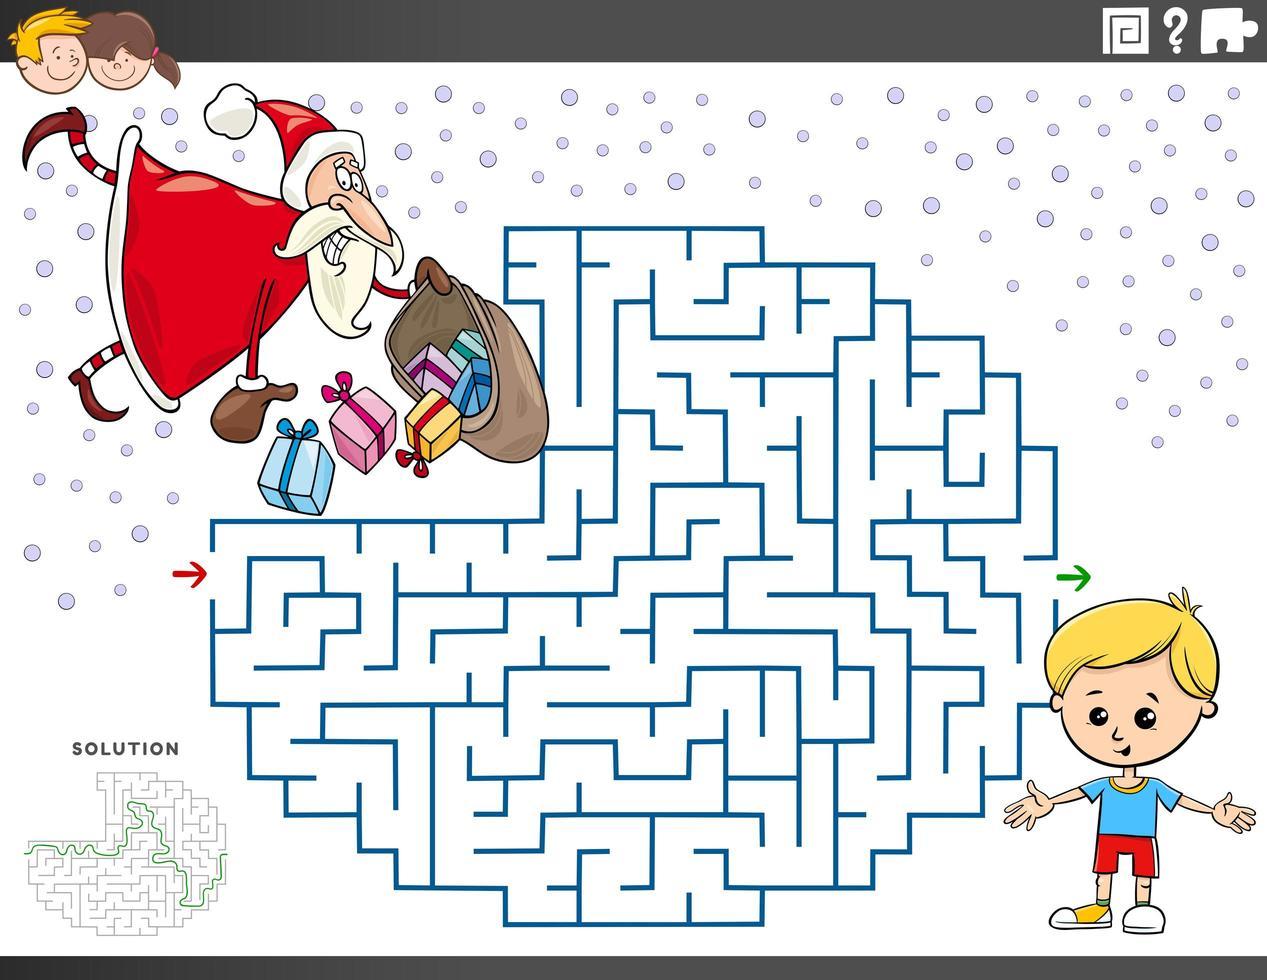 juego de laberinto con santa claus con regalos de navidad vector